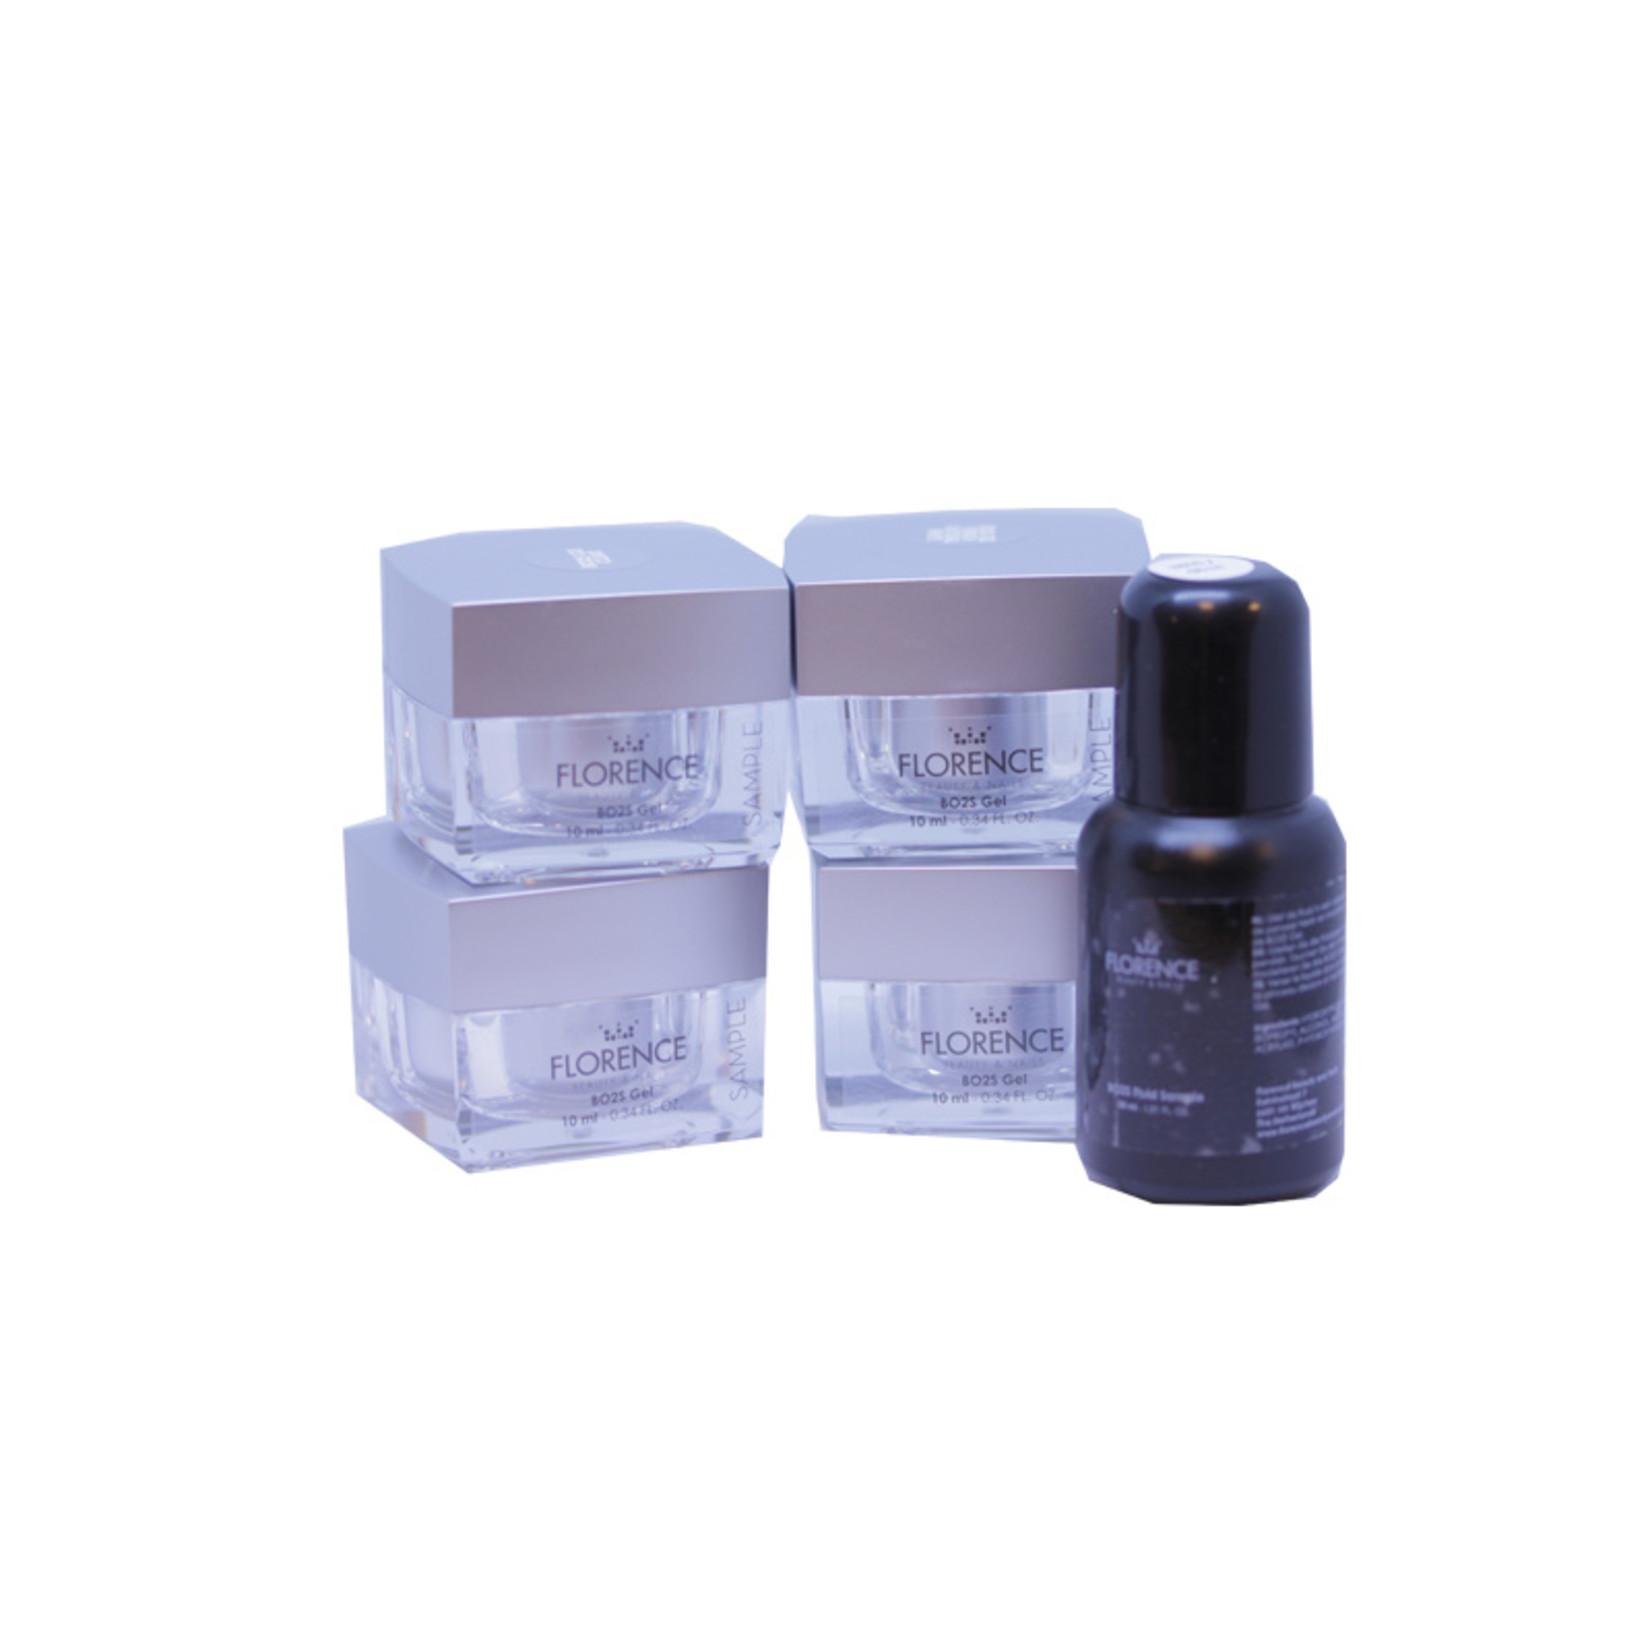 Florence Nails BO2S Gel Sample Kit (met Natural White)